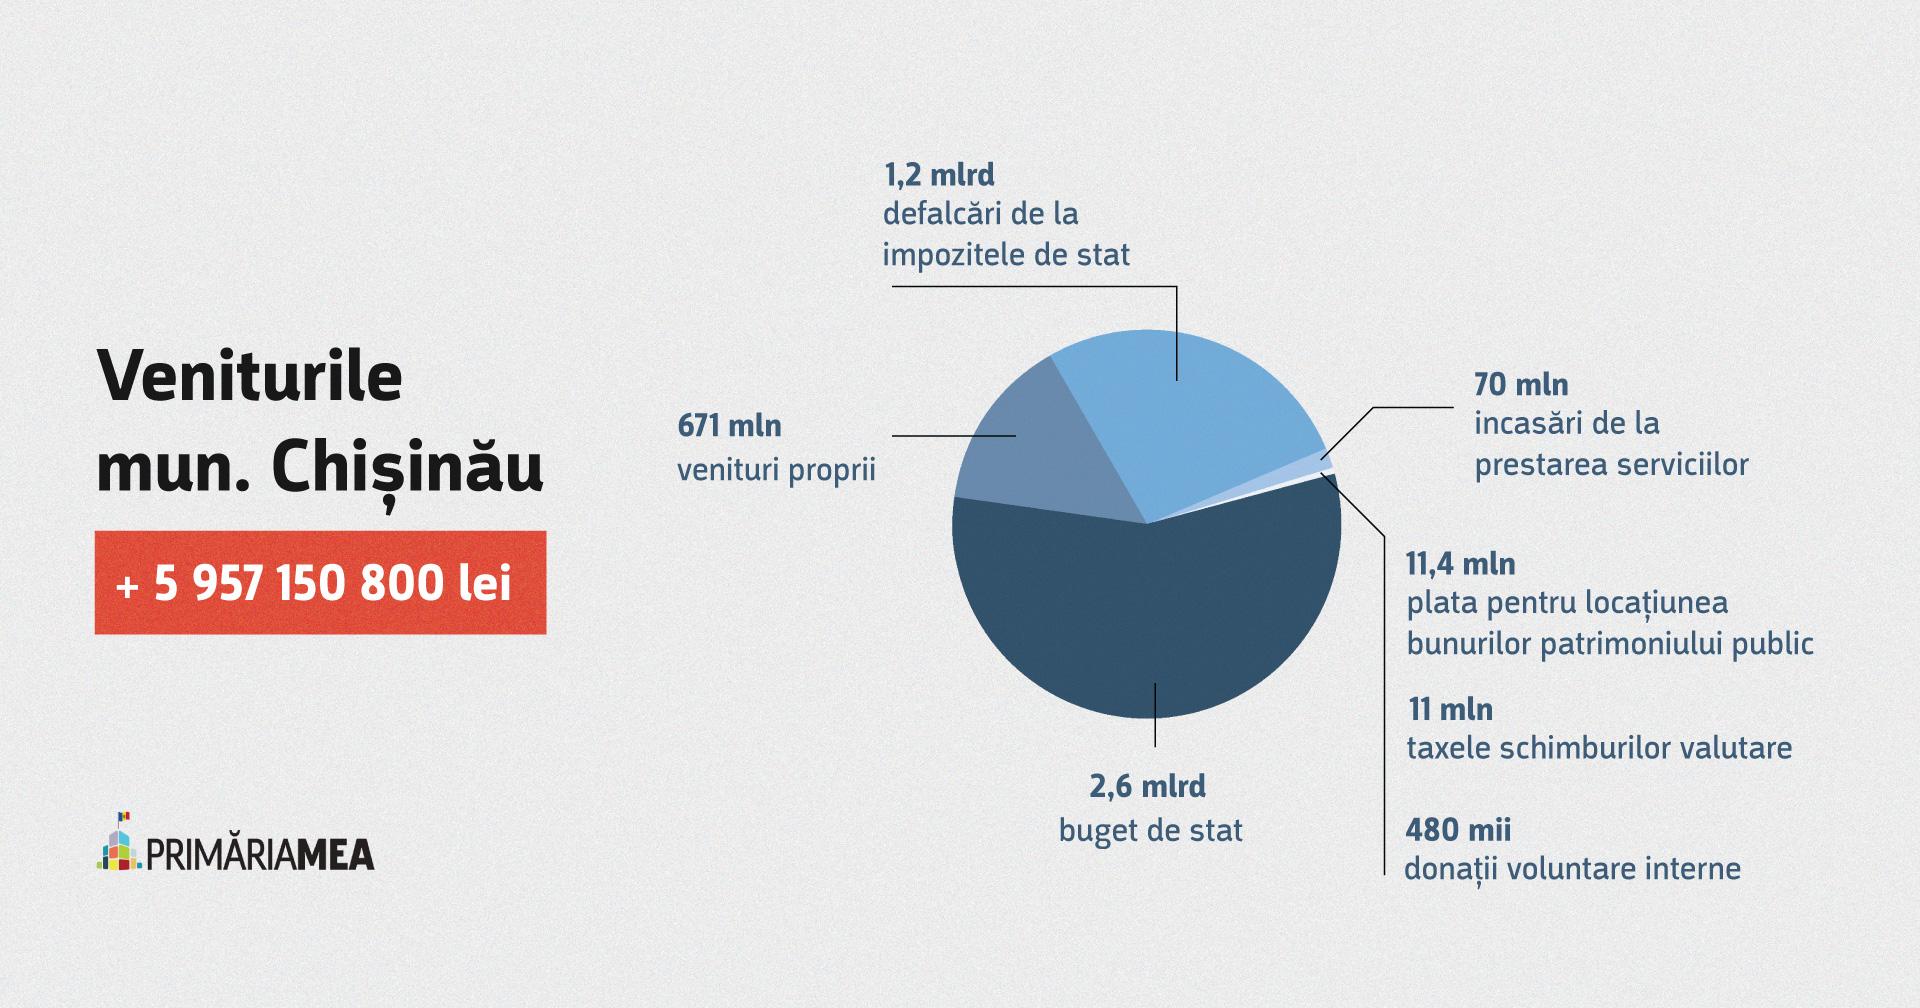 Infografic: Veniturile municipale preconizate pentru anul 2021. Sursă: Primăria Mea, în baza proiectului de buget pentru anul 2021